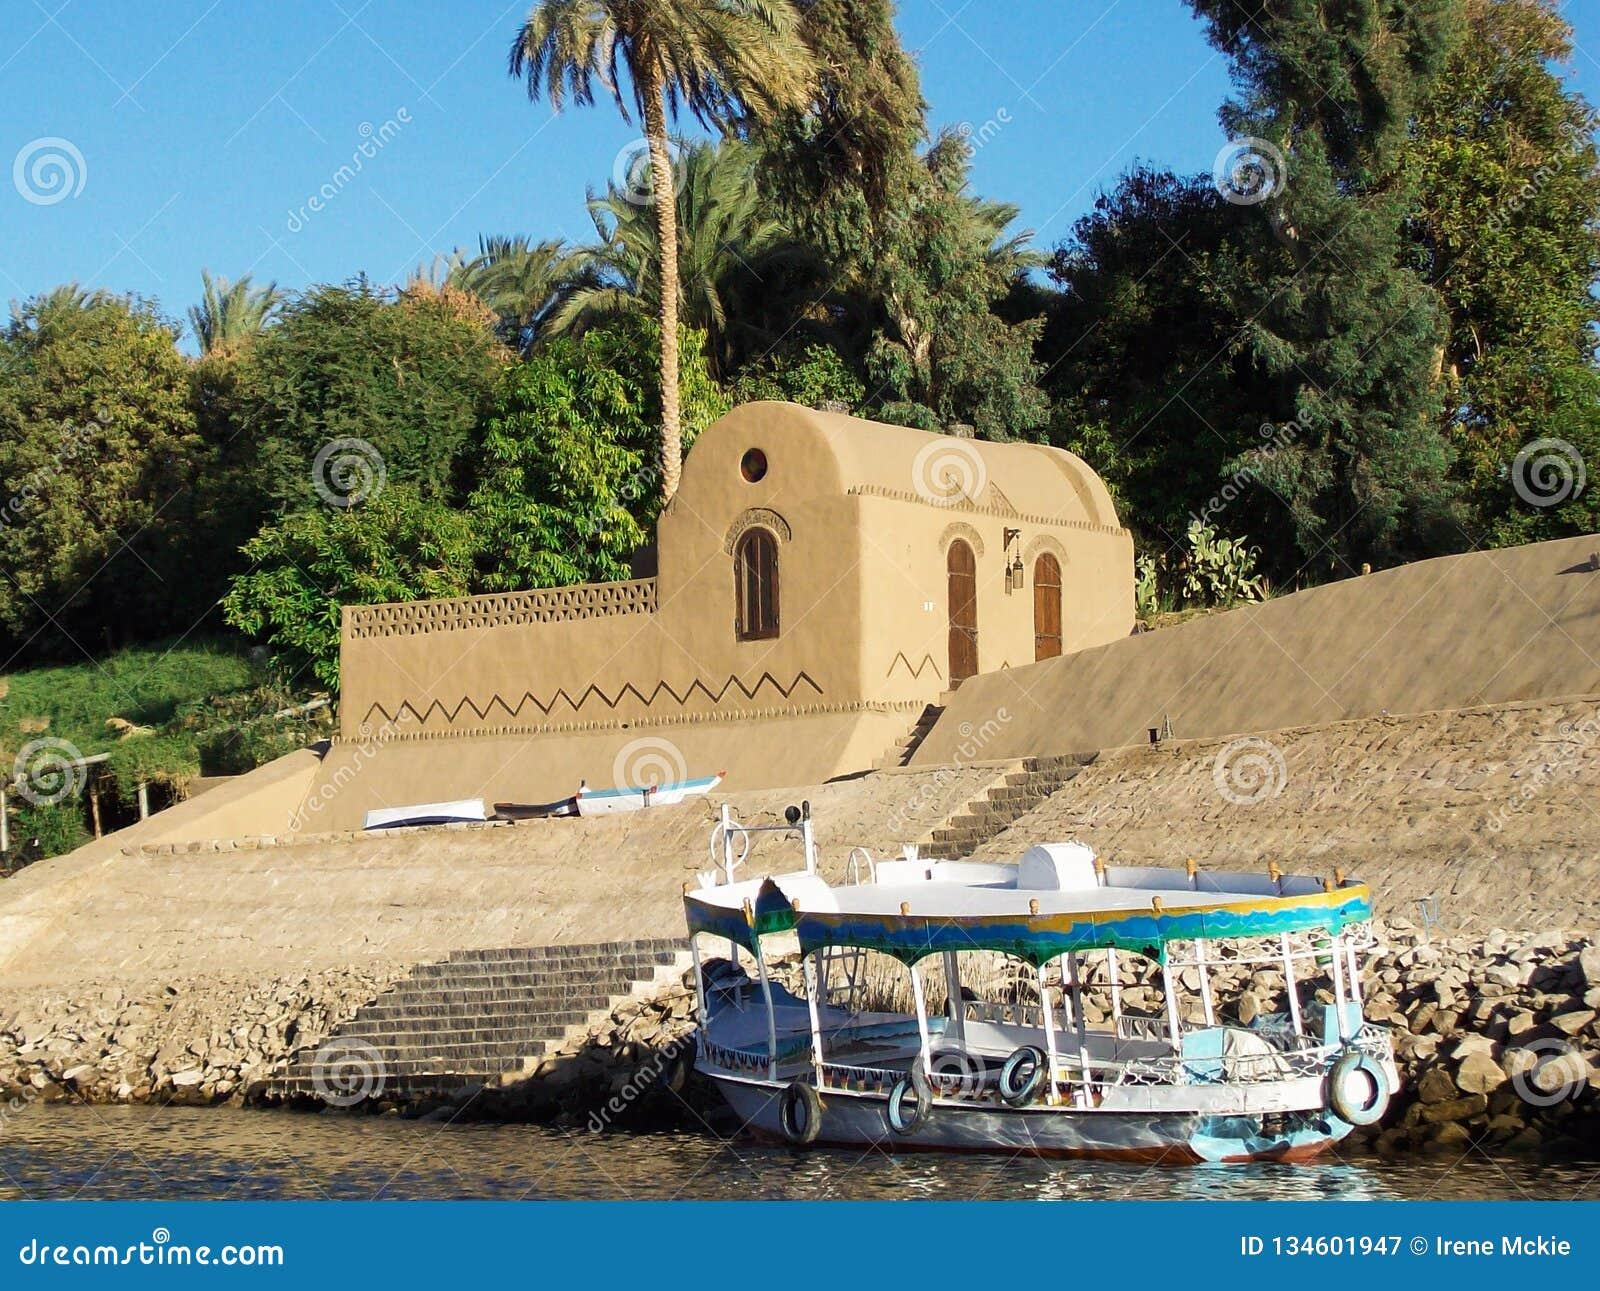 Ägypten, Nil, ägyptisches Haus auf Bank von Fluss, wenn das Boot festgemacht ist